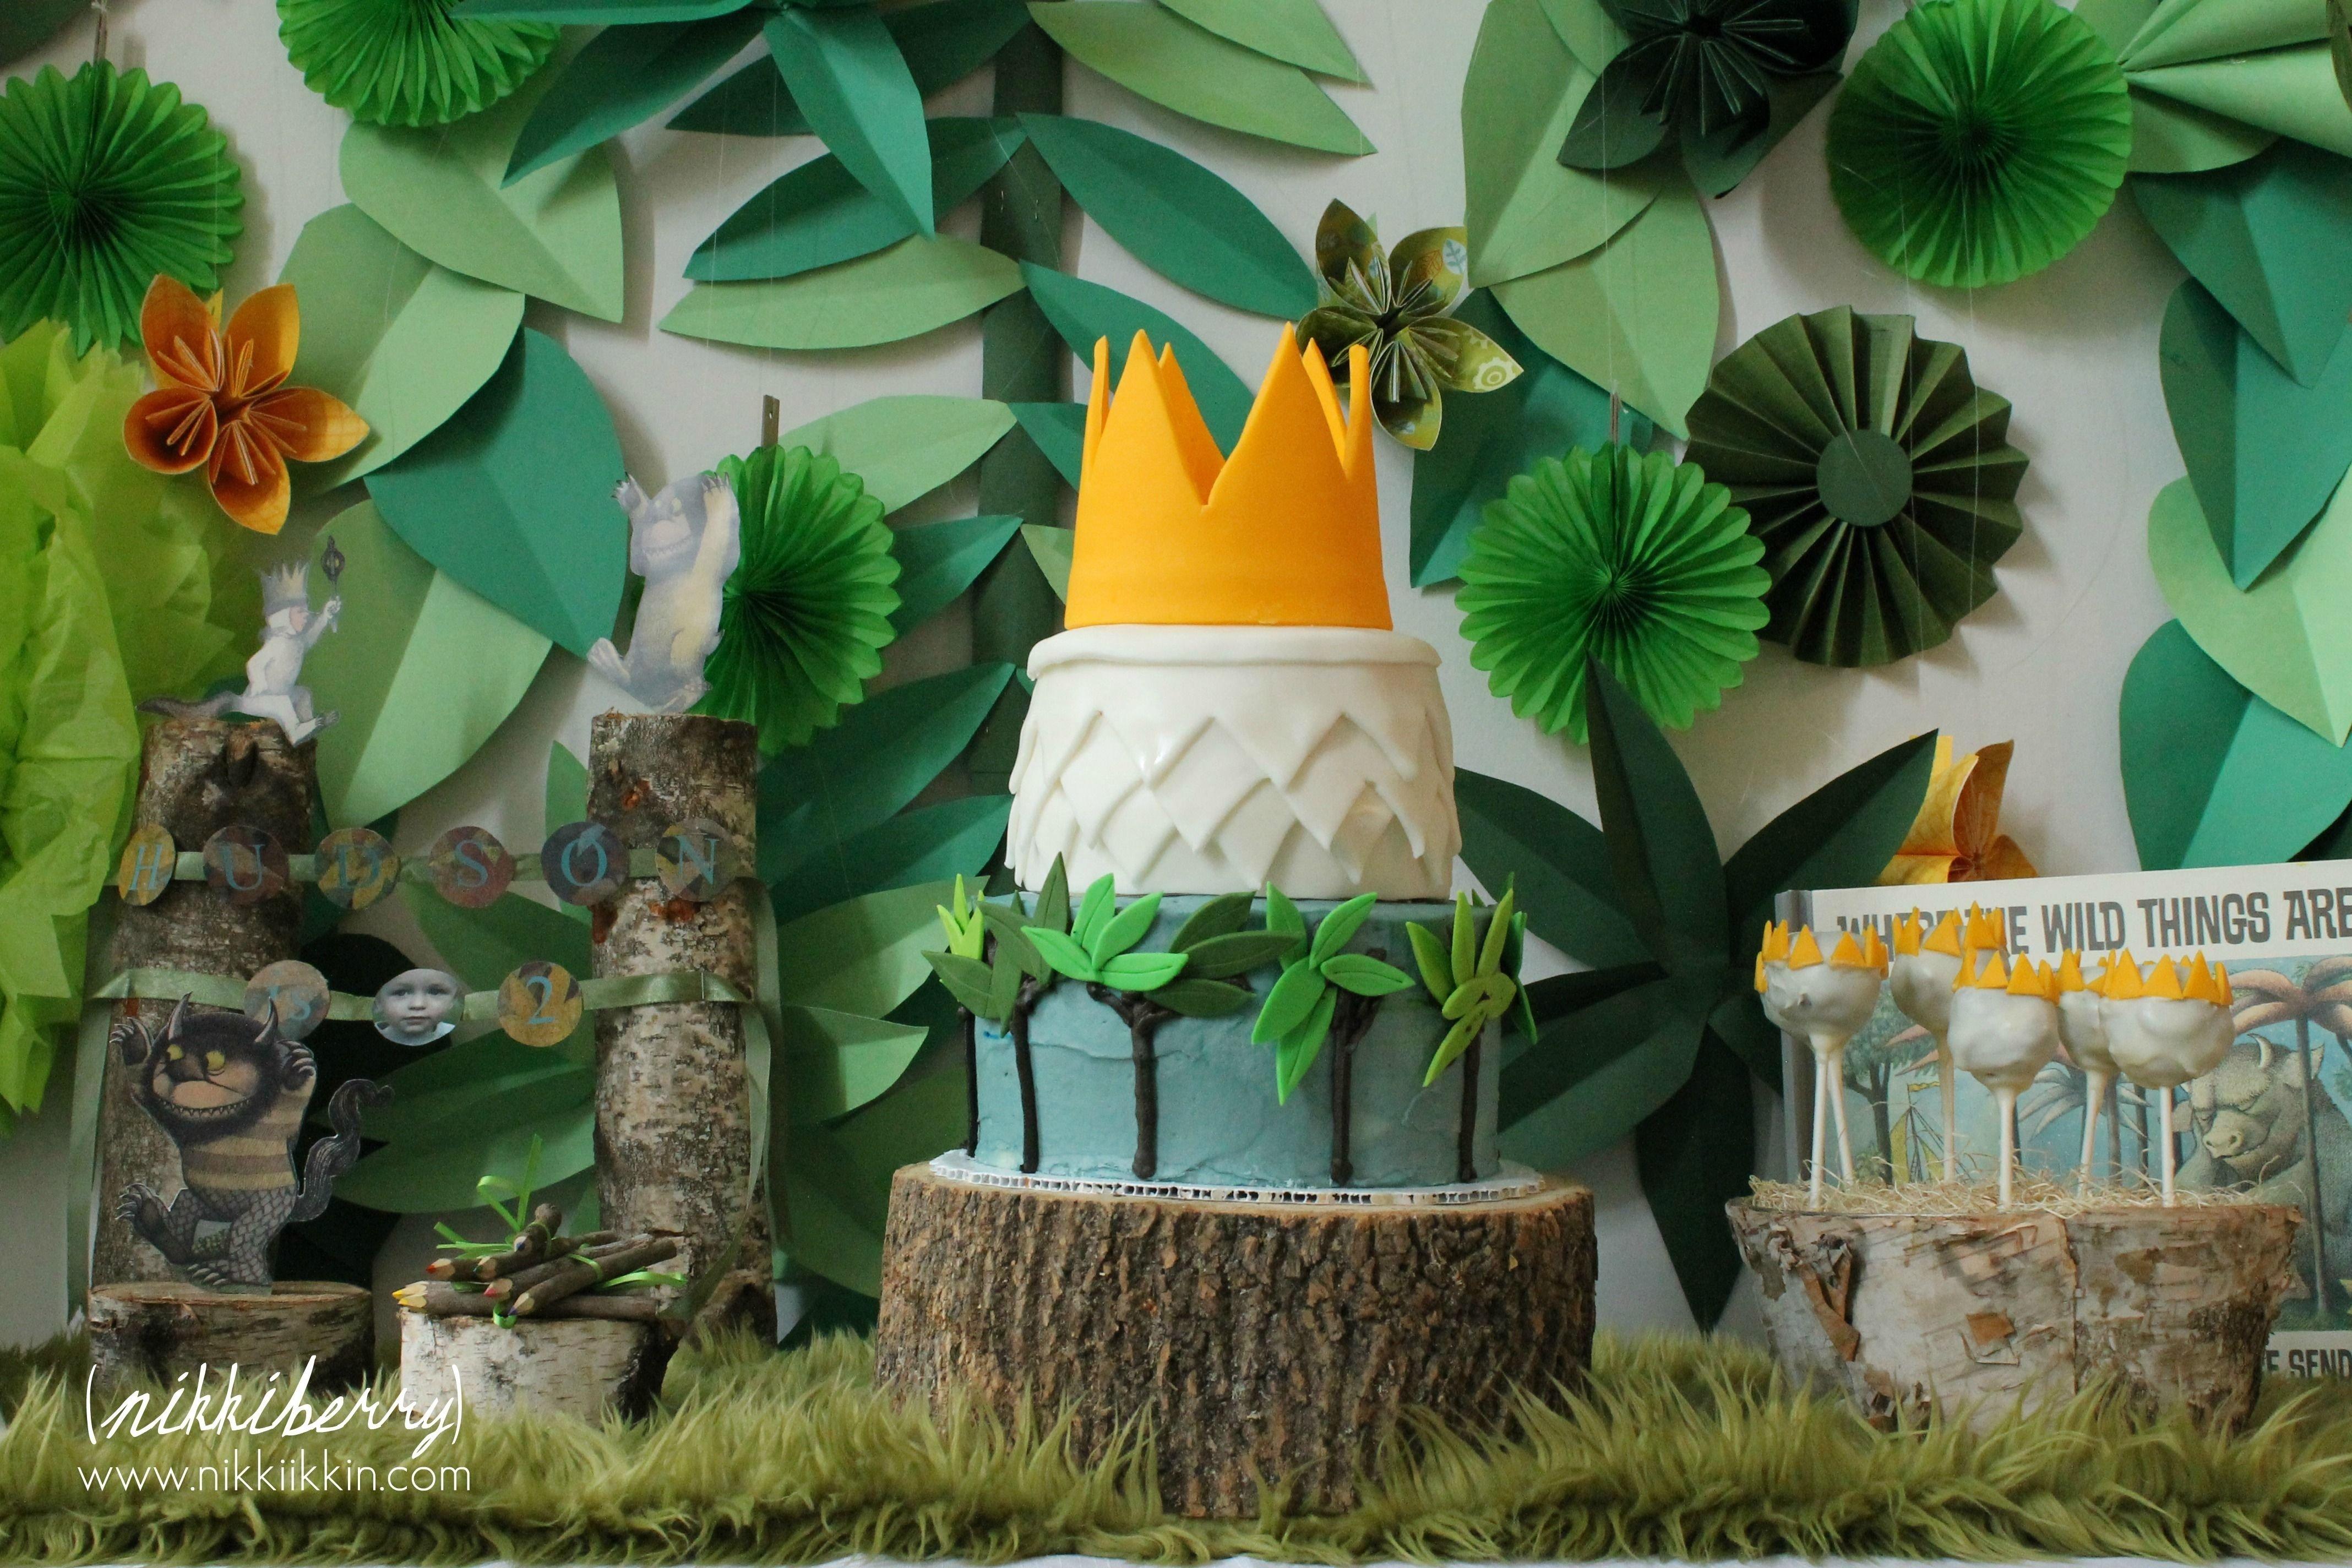 pinjamie lenio on finn's first birthday | pinterest | wild